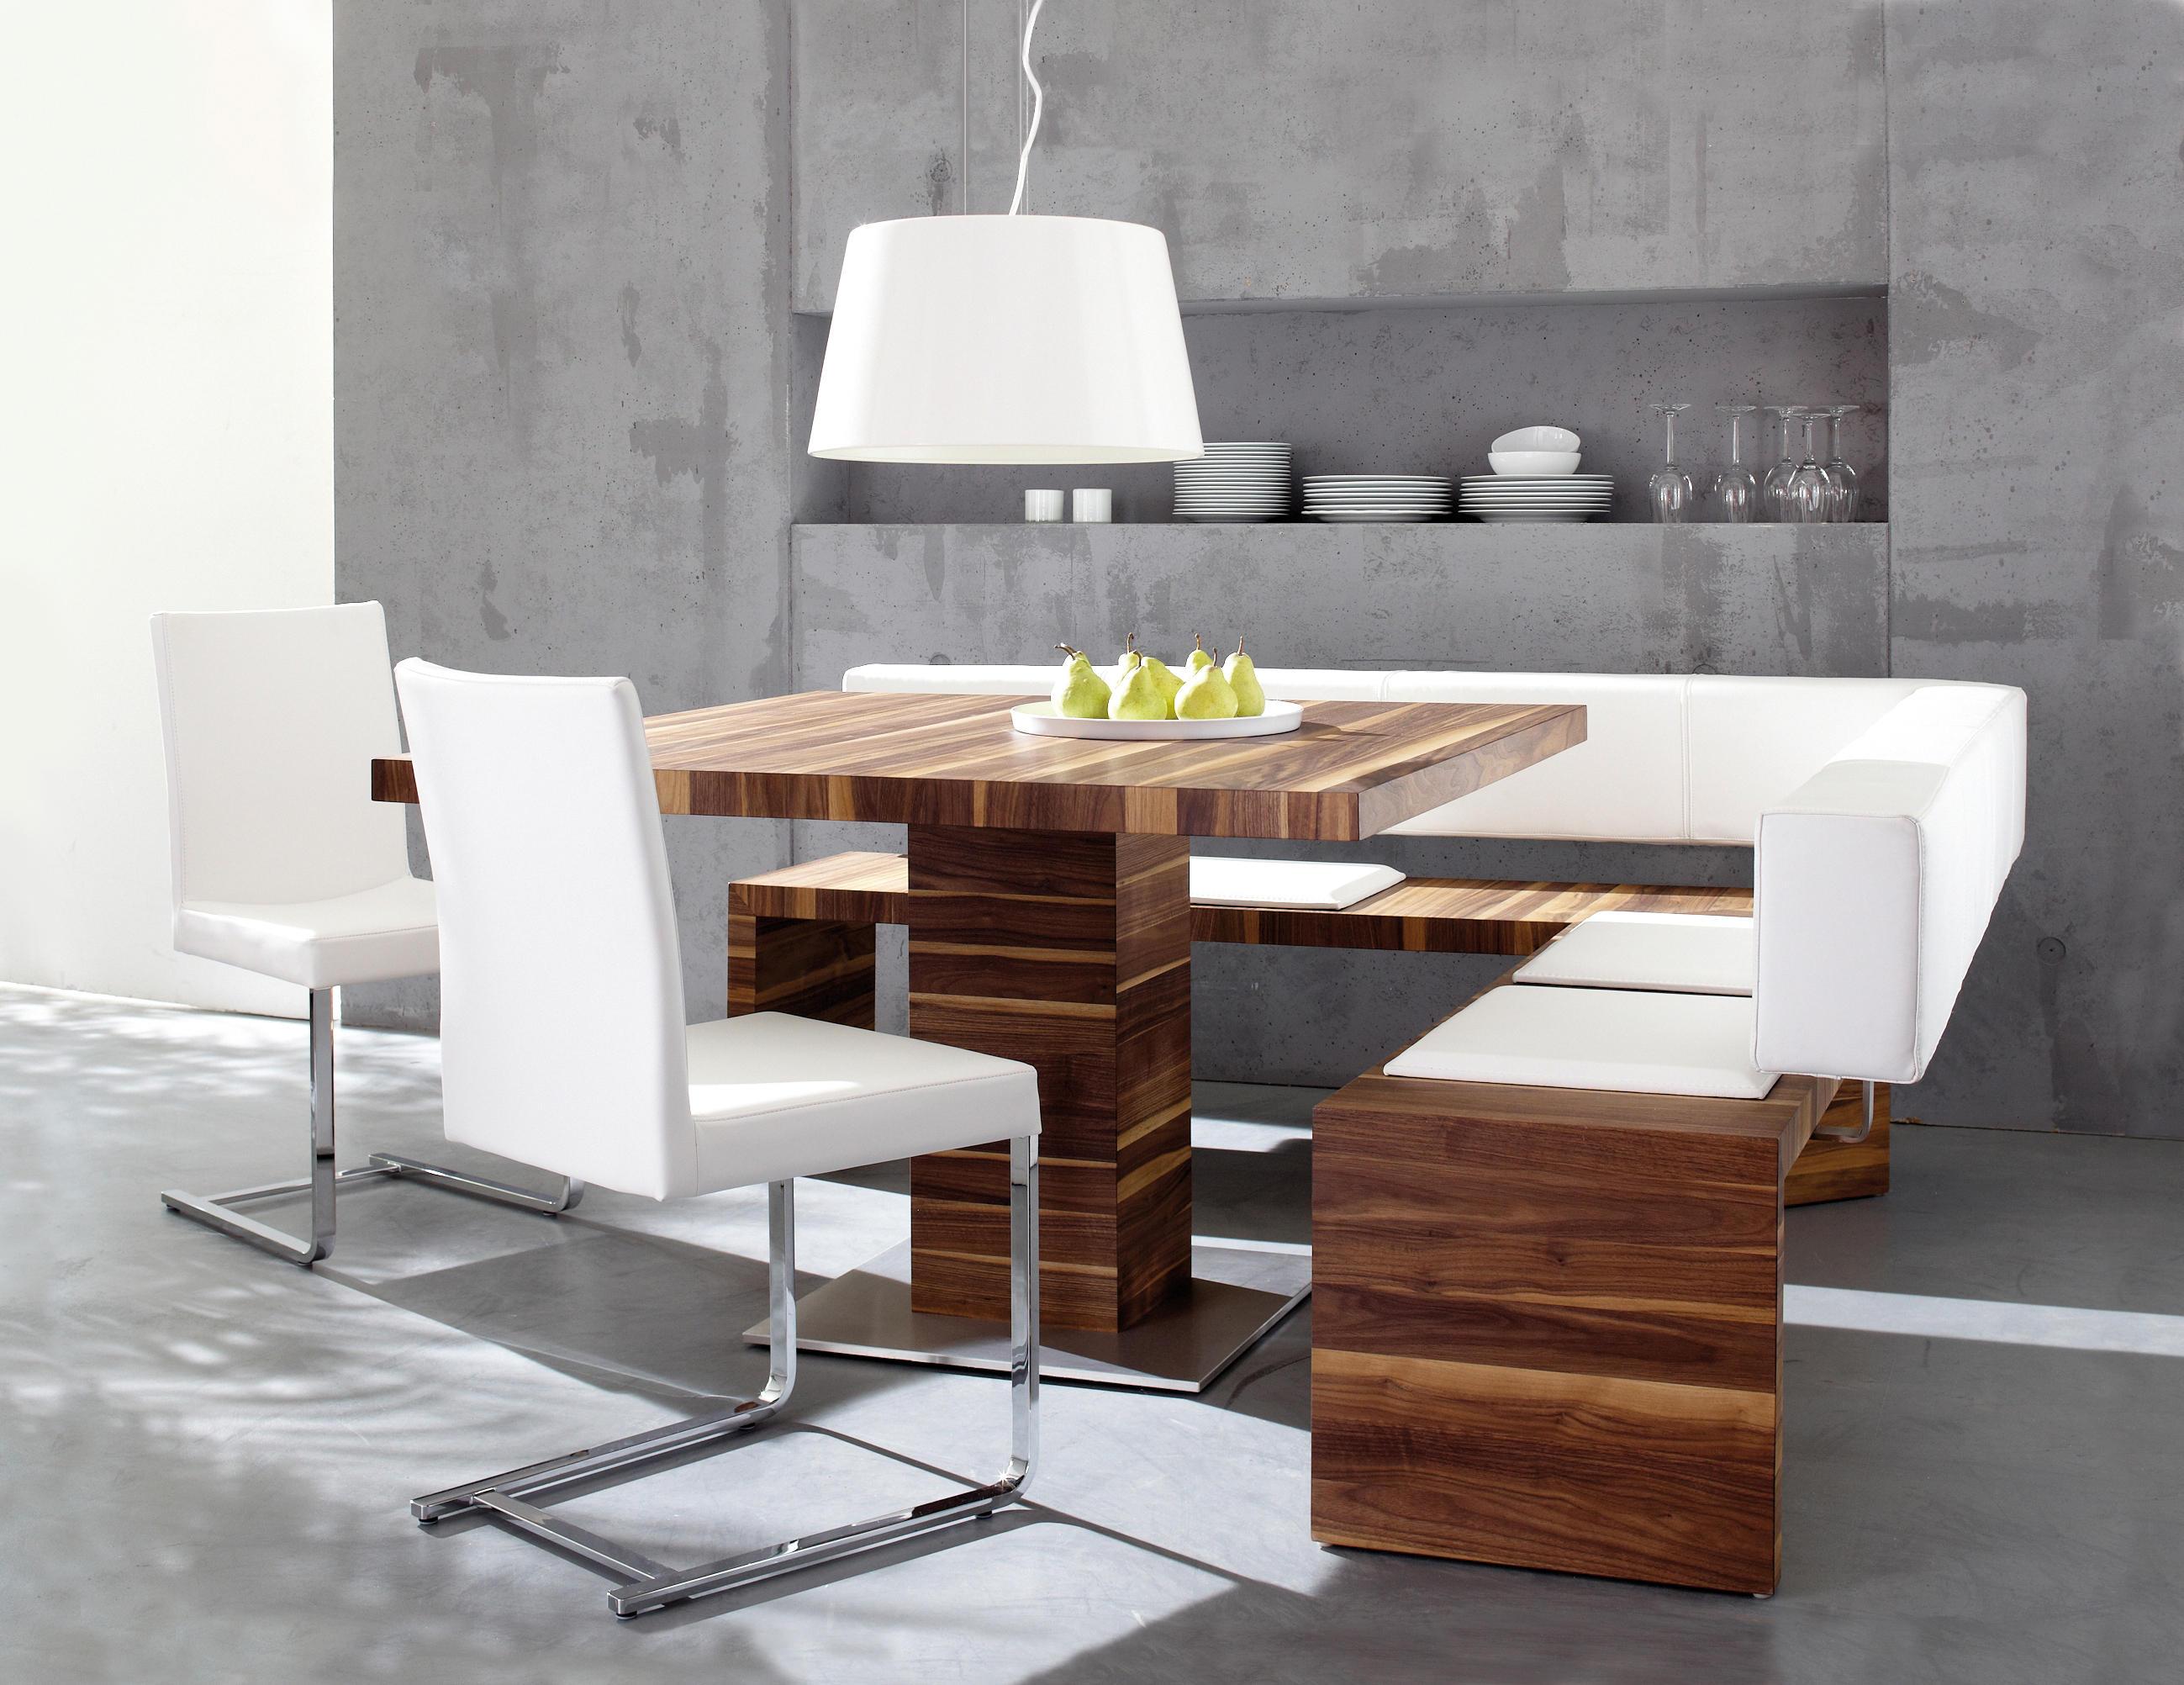 Eckbank design  SCALA 08 - Esstische von Schulte Design | Architonic